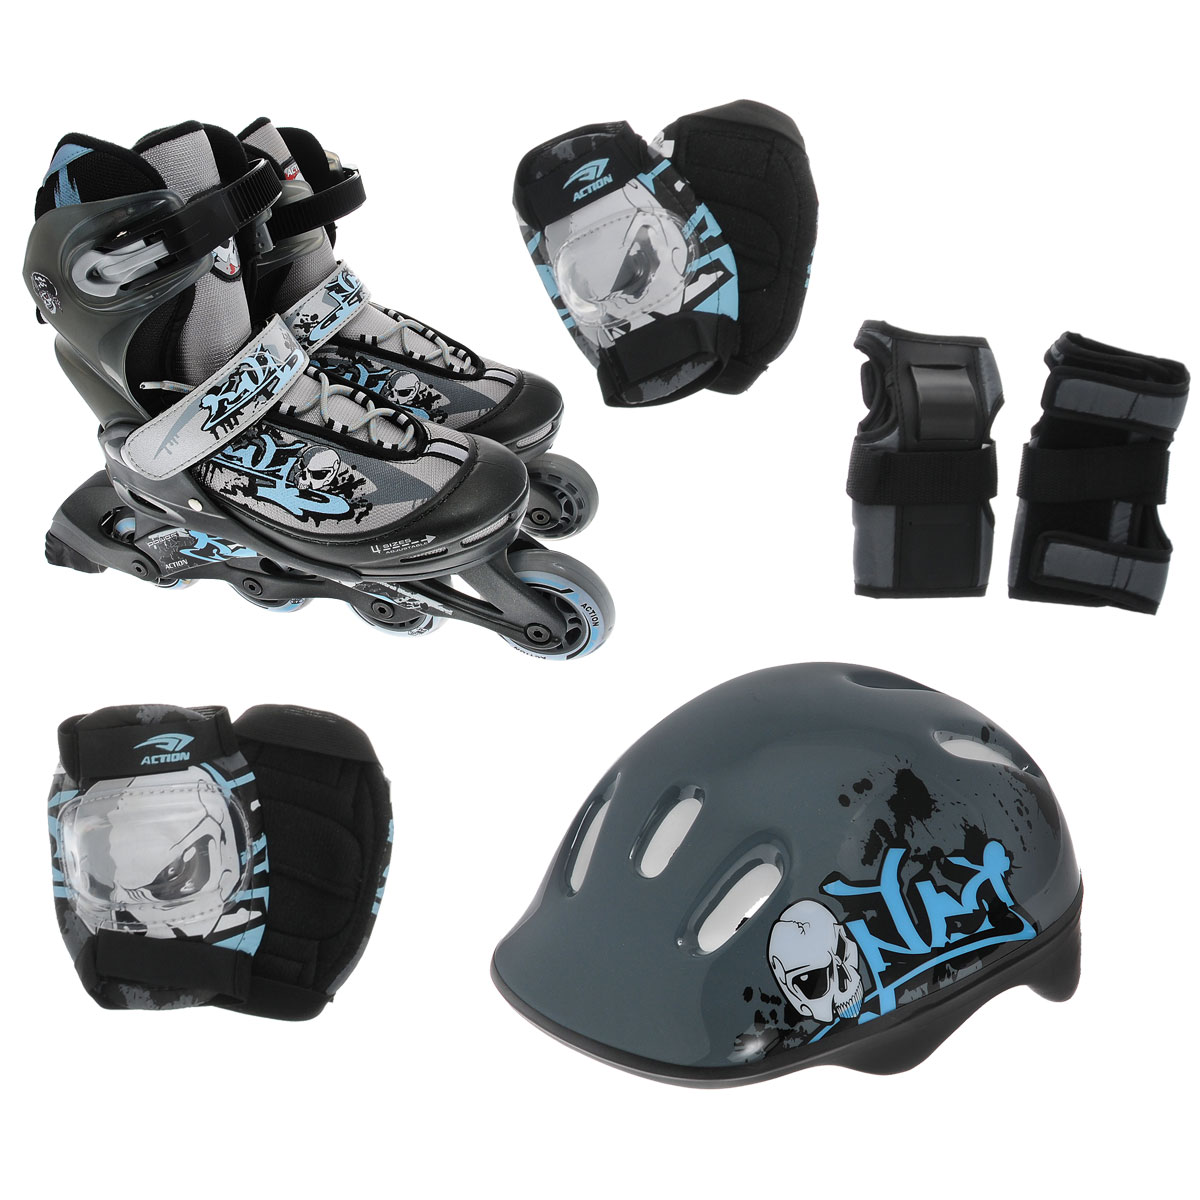 Набор Action: коньки роликовые, защита, шлем, цвет: серый, голубой. PW-117С. Размер 26/29PW-117СНабор для катания на роликах Action состоит из роликовых коньков, защиты (колени, локти, запястья) и шлема. Ботинок конька изготовлен из текстильного материла со вставкам из искусственной кожи, обеспечивающих максимальную вентиляцию ноги.Облегченная конструкция ботинка из пластика обеспечивает улучшенную боковую поддержку и полный контроль над движением. Изделие по верхудекорировано оригинальным принтом. Подкладка из мягкого текстиля комфортна при езде. Стелька изготовлена из ЭВА материала стекстильной верхней поверхностью. Классическая шнуровка с ремнем на липучке обеспечивает плотное закрепление пятки. На голенище модельфиксируется клипсой с фиксатором. Прочная рама из полипропилена отлично передает усилие ноги и позволяет быстро разгоняться.Колеса из ПВХ (64 мм) обеспечат плавное и бесшумное движение. Износостойкие подшипники класса ABEC-5 наименее восприимчивы кпопаданию влаги и песка. Задник оснащен широкой текстильной петлей, благодаря которой изделие удобно обувать. Верх шлема,оформленный ярким принтом, выполнен из поливинилхлорида, внутренняя часть - из пенополистирола. Отверстияпредназначены для лучшей вентиляции. В комплект входят элементы защиты локтей, коленей и запястий. Основание выполнено из нейлона. Защитныенакладки у подлокотников и наколенников исполнены из поливинилхлорида, а защитные накладки для запястий - из искусственной кожи иполивинилхлорида. УВАЖАЕМЫЕ КЛИЕНТЫ!Обращаем ваше внимание на различие в количестве колес в зависимости от размеров роликов: ролики размером 26/29 поставляются с 3 колесами, размерами 30/33 и 34/37 - с 4.